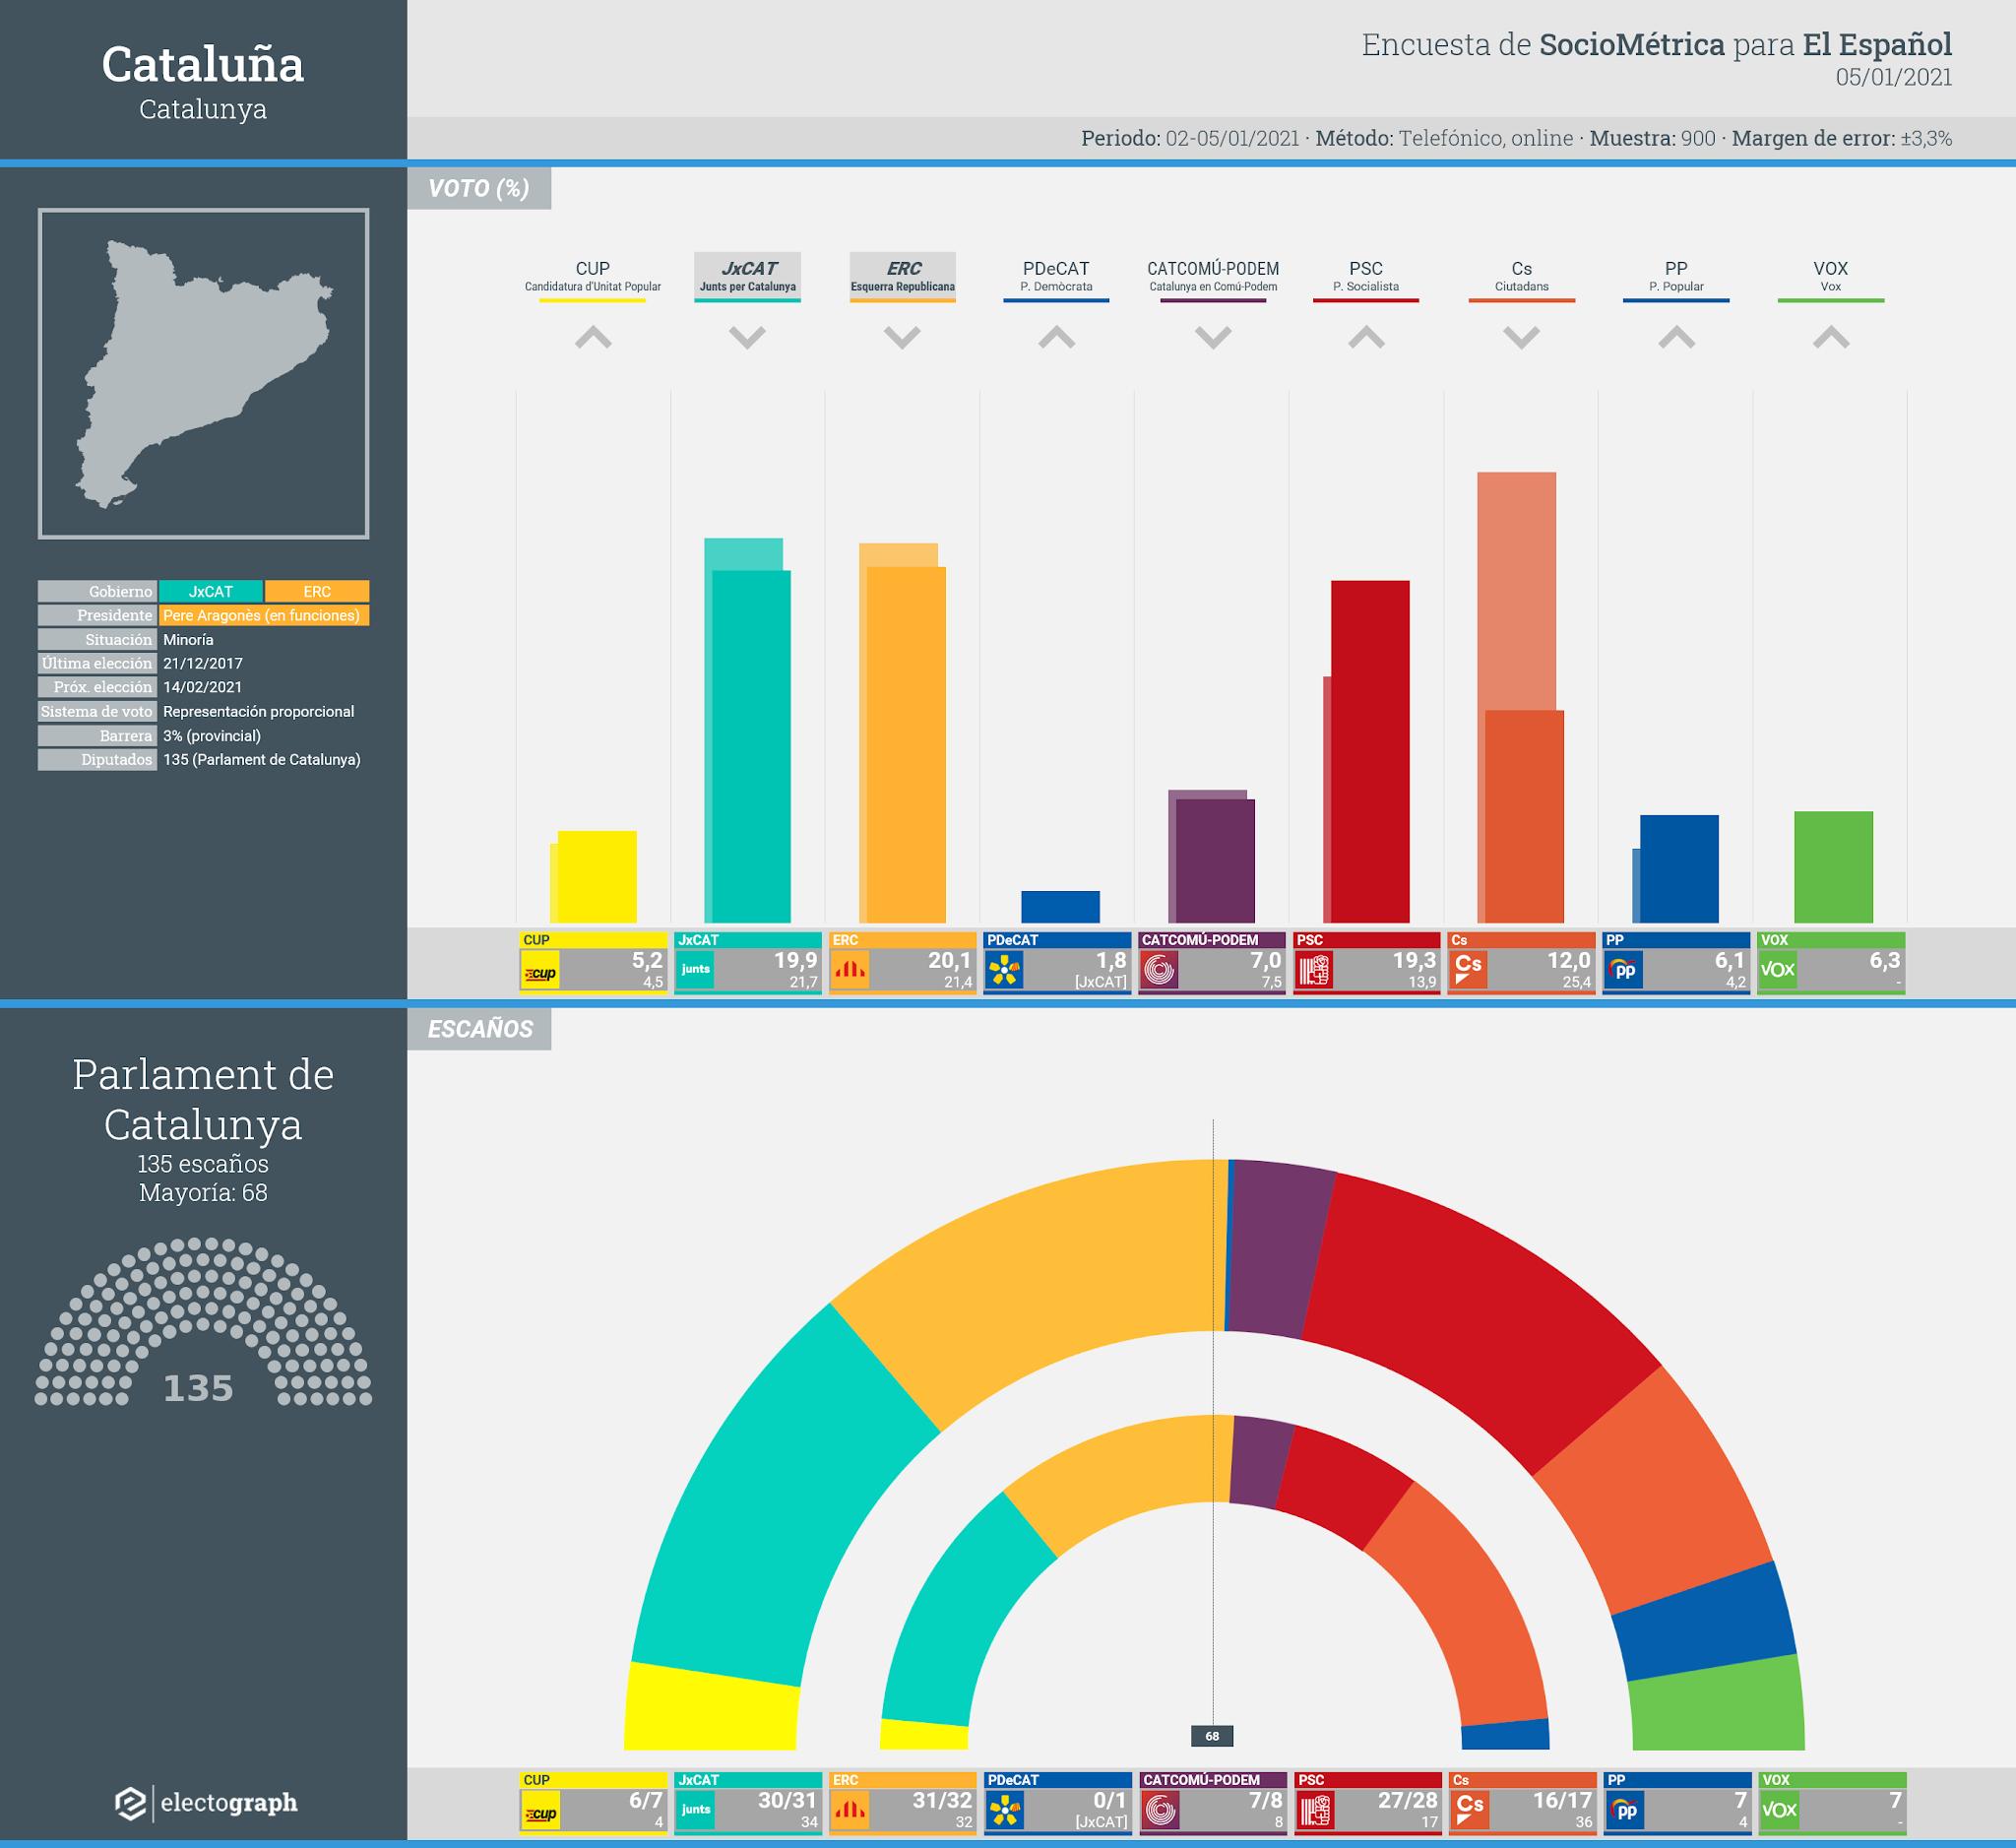 Gráfico de la encuesta para elecciones generales en Cataluña realizada por SocioMétrica para El Español, 5 de enero de 2021